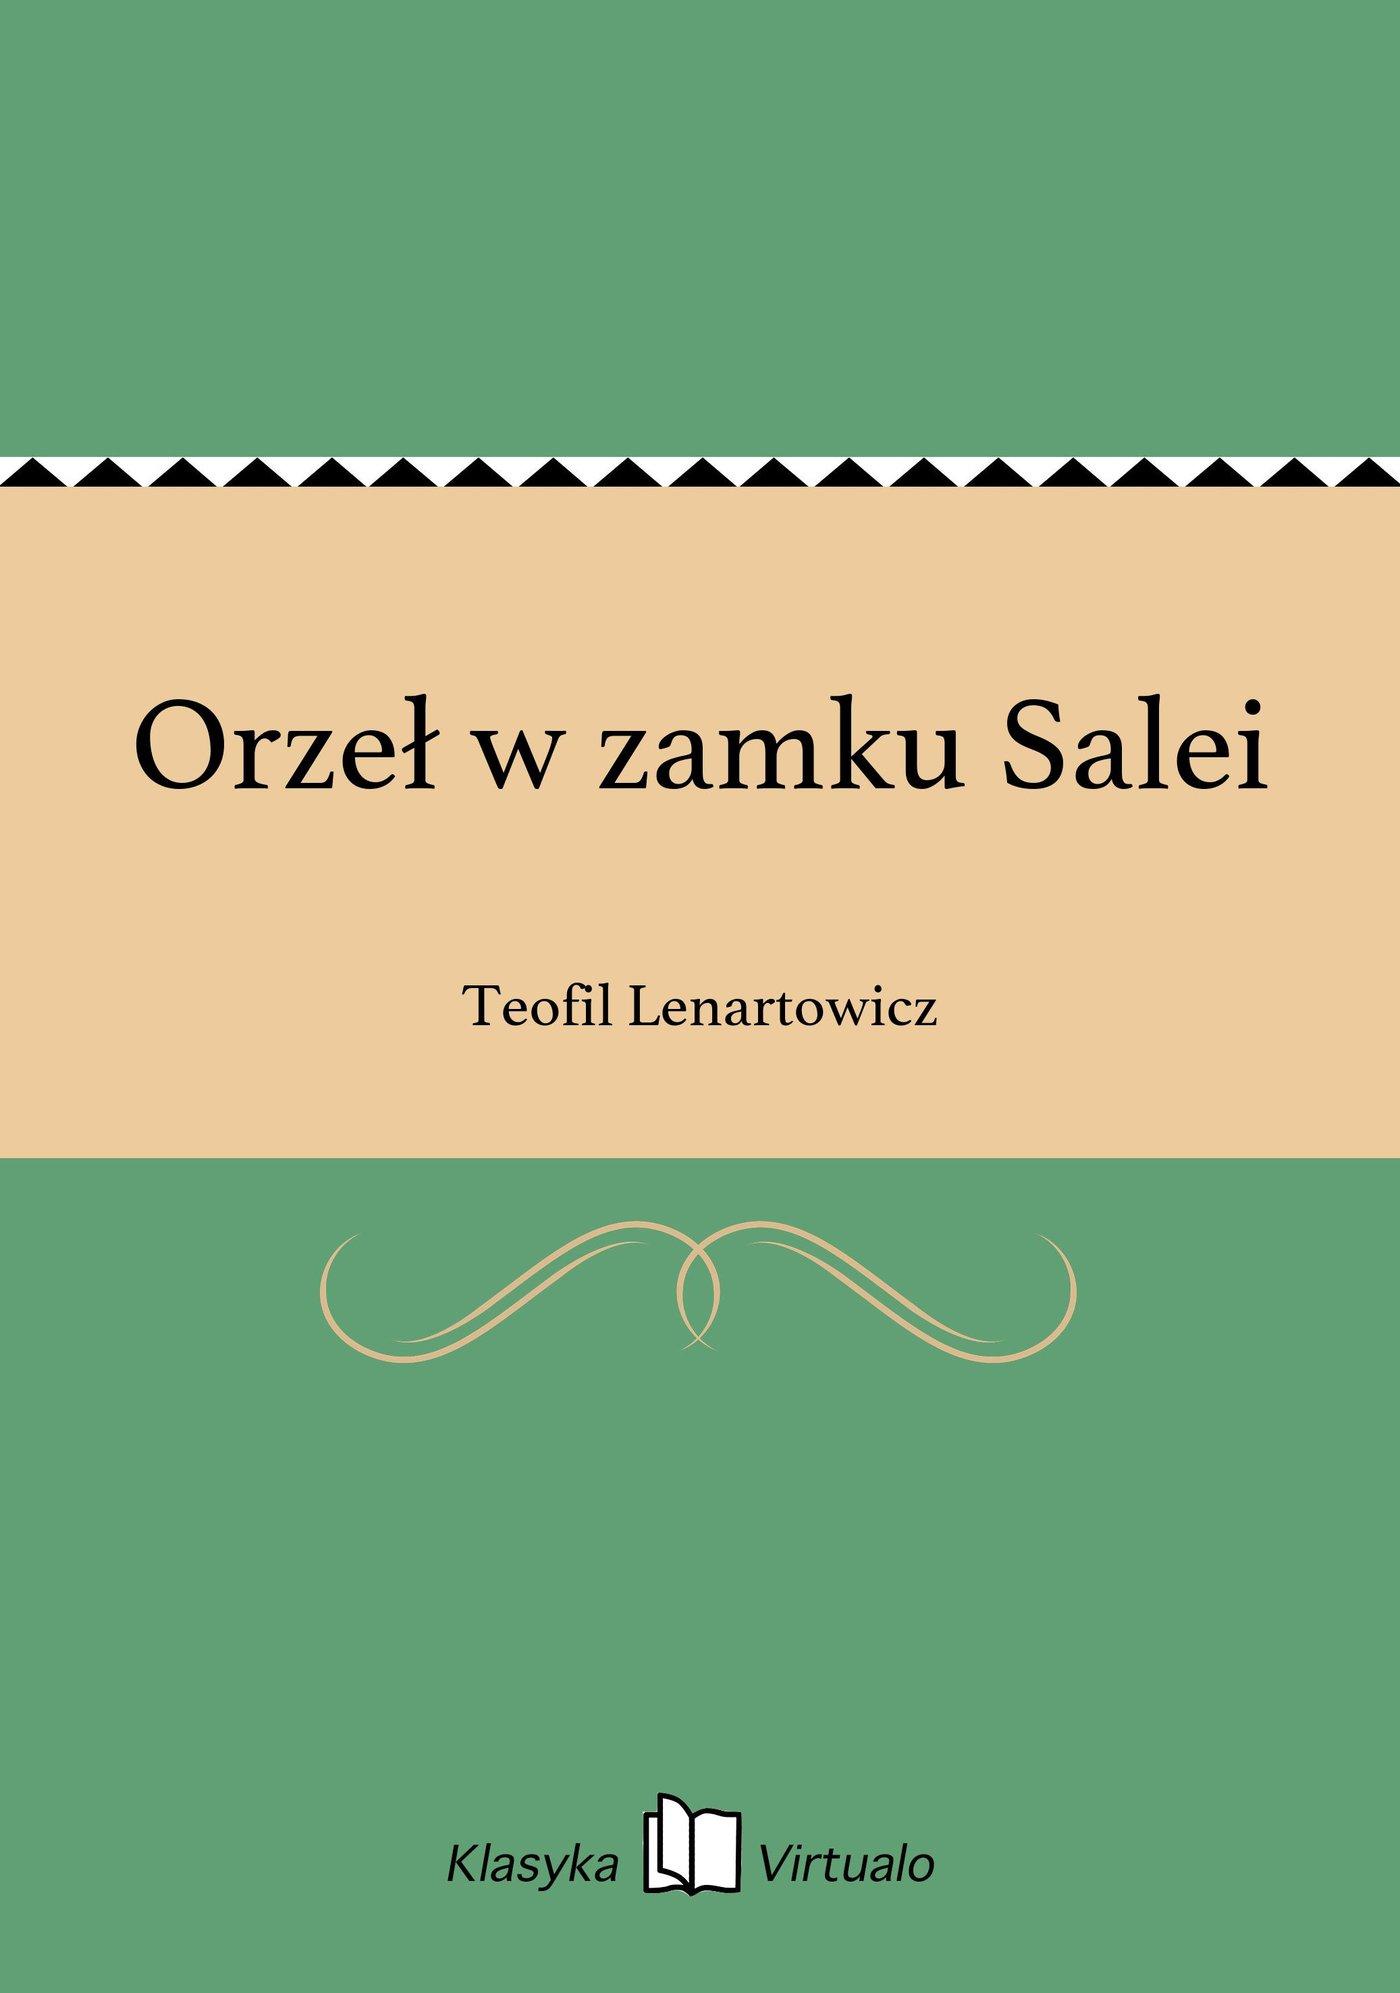 Orzeł w zamku Salei - Ebook (Książka EPUB) do pobrania w formacie EPUB